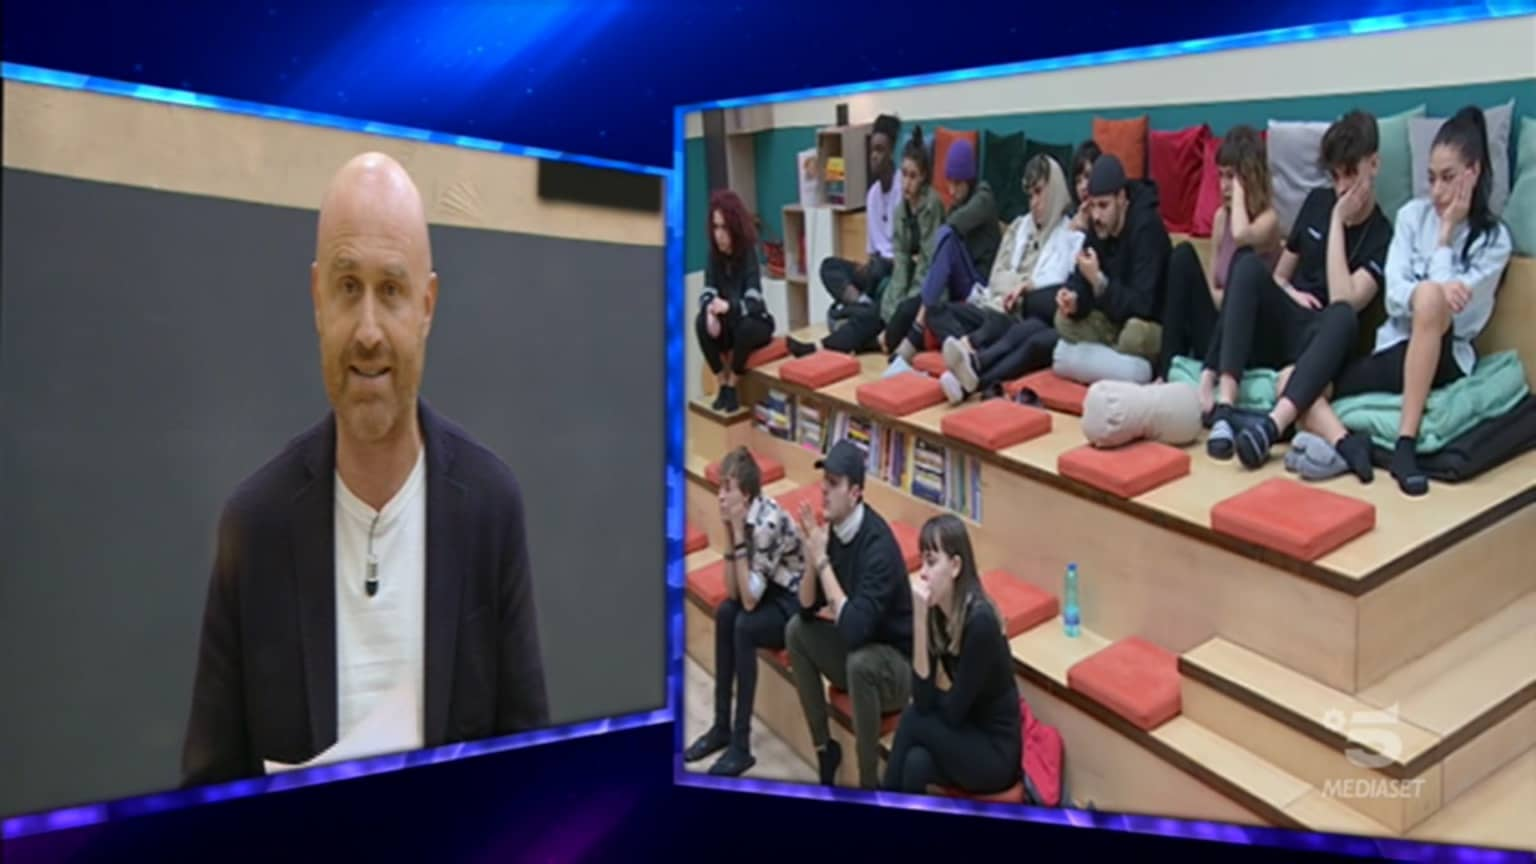 Amici 20, Rudy apre un televoto flash per 3 concorrenti: rischio eliminazione